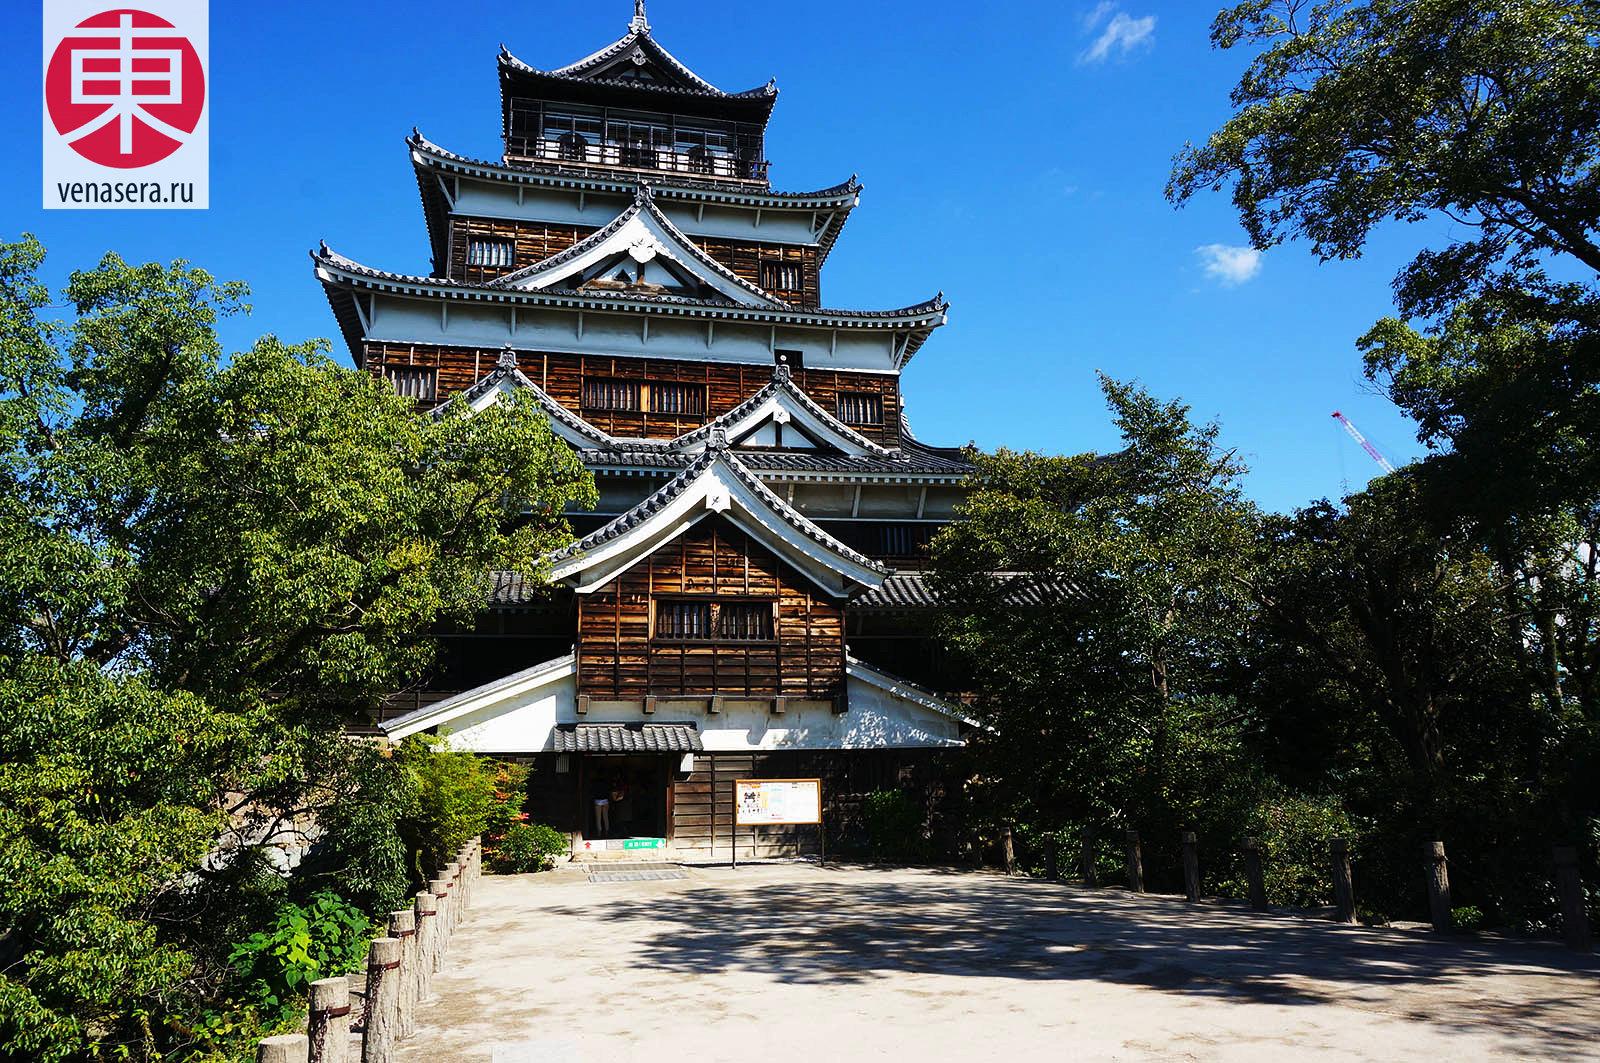 Замок Хиросима, Замок карпов, Carp Castle, Hirosima Castle, 広島城, 鯉城, Хиросима, Hiroshima, 広島, Хонсю, Honshu, 本州, Япония, Japan, 日本.